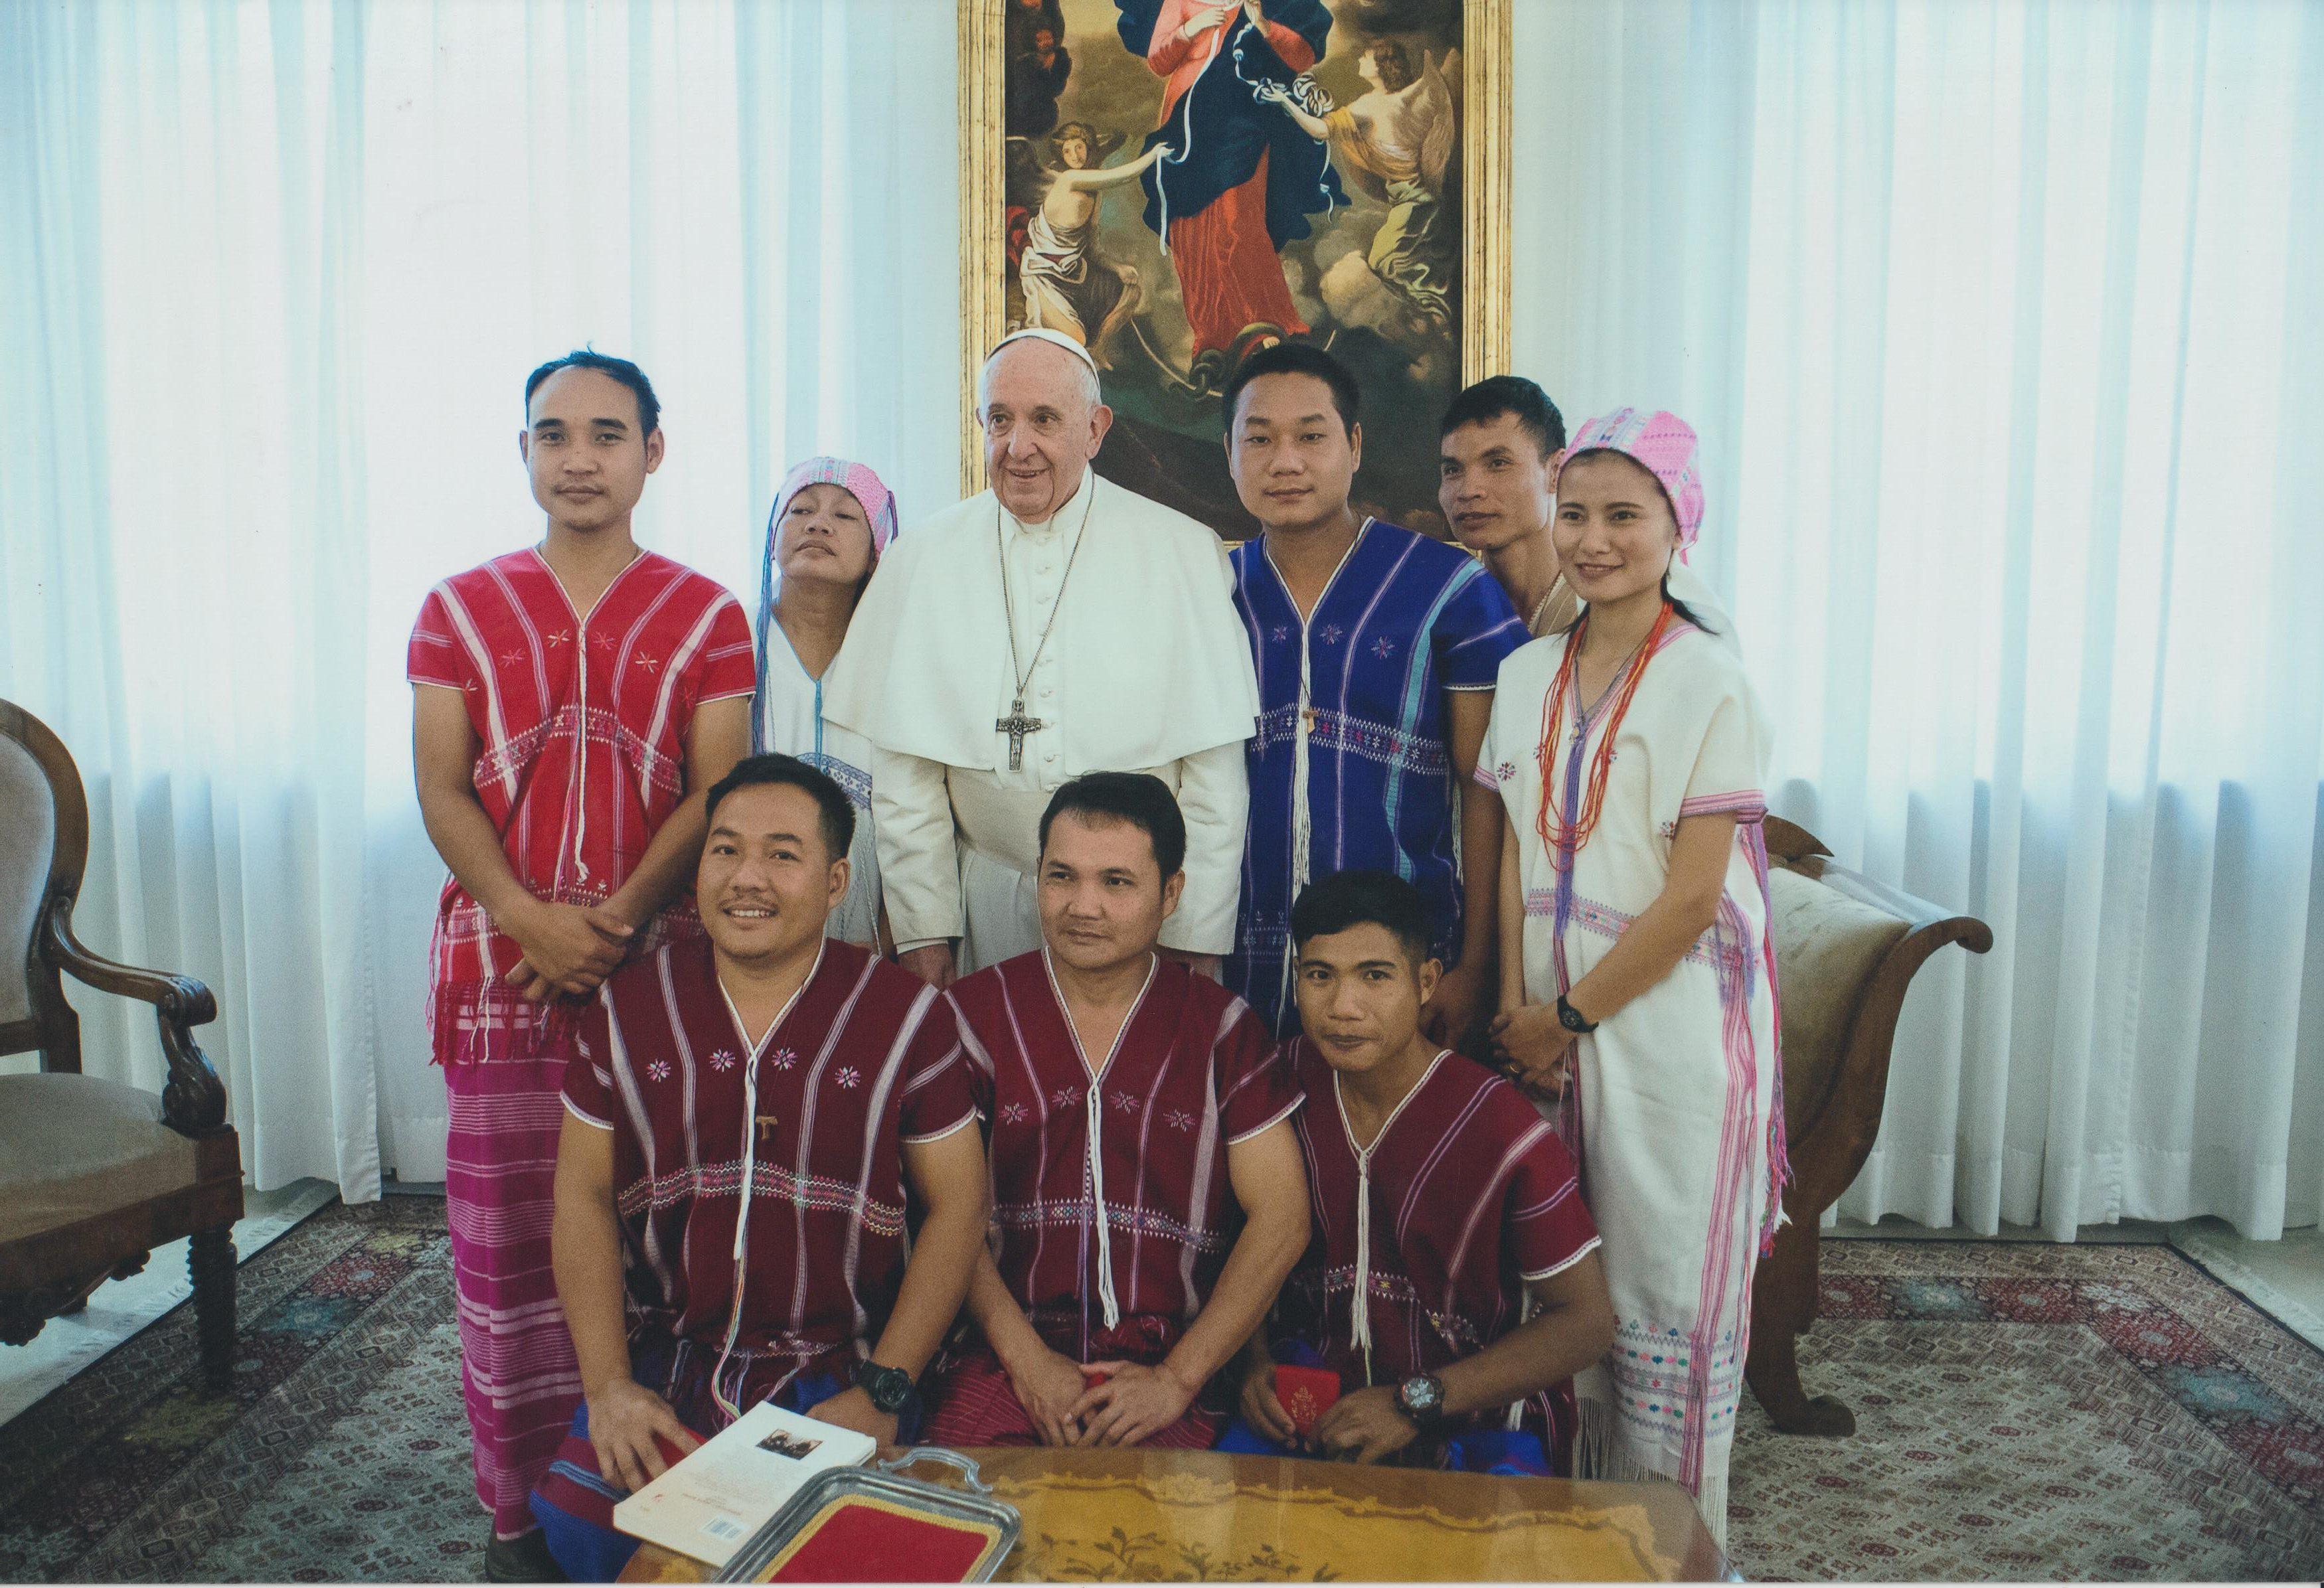 Le Pape Francois entouré des Karens